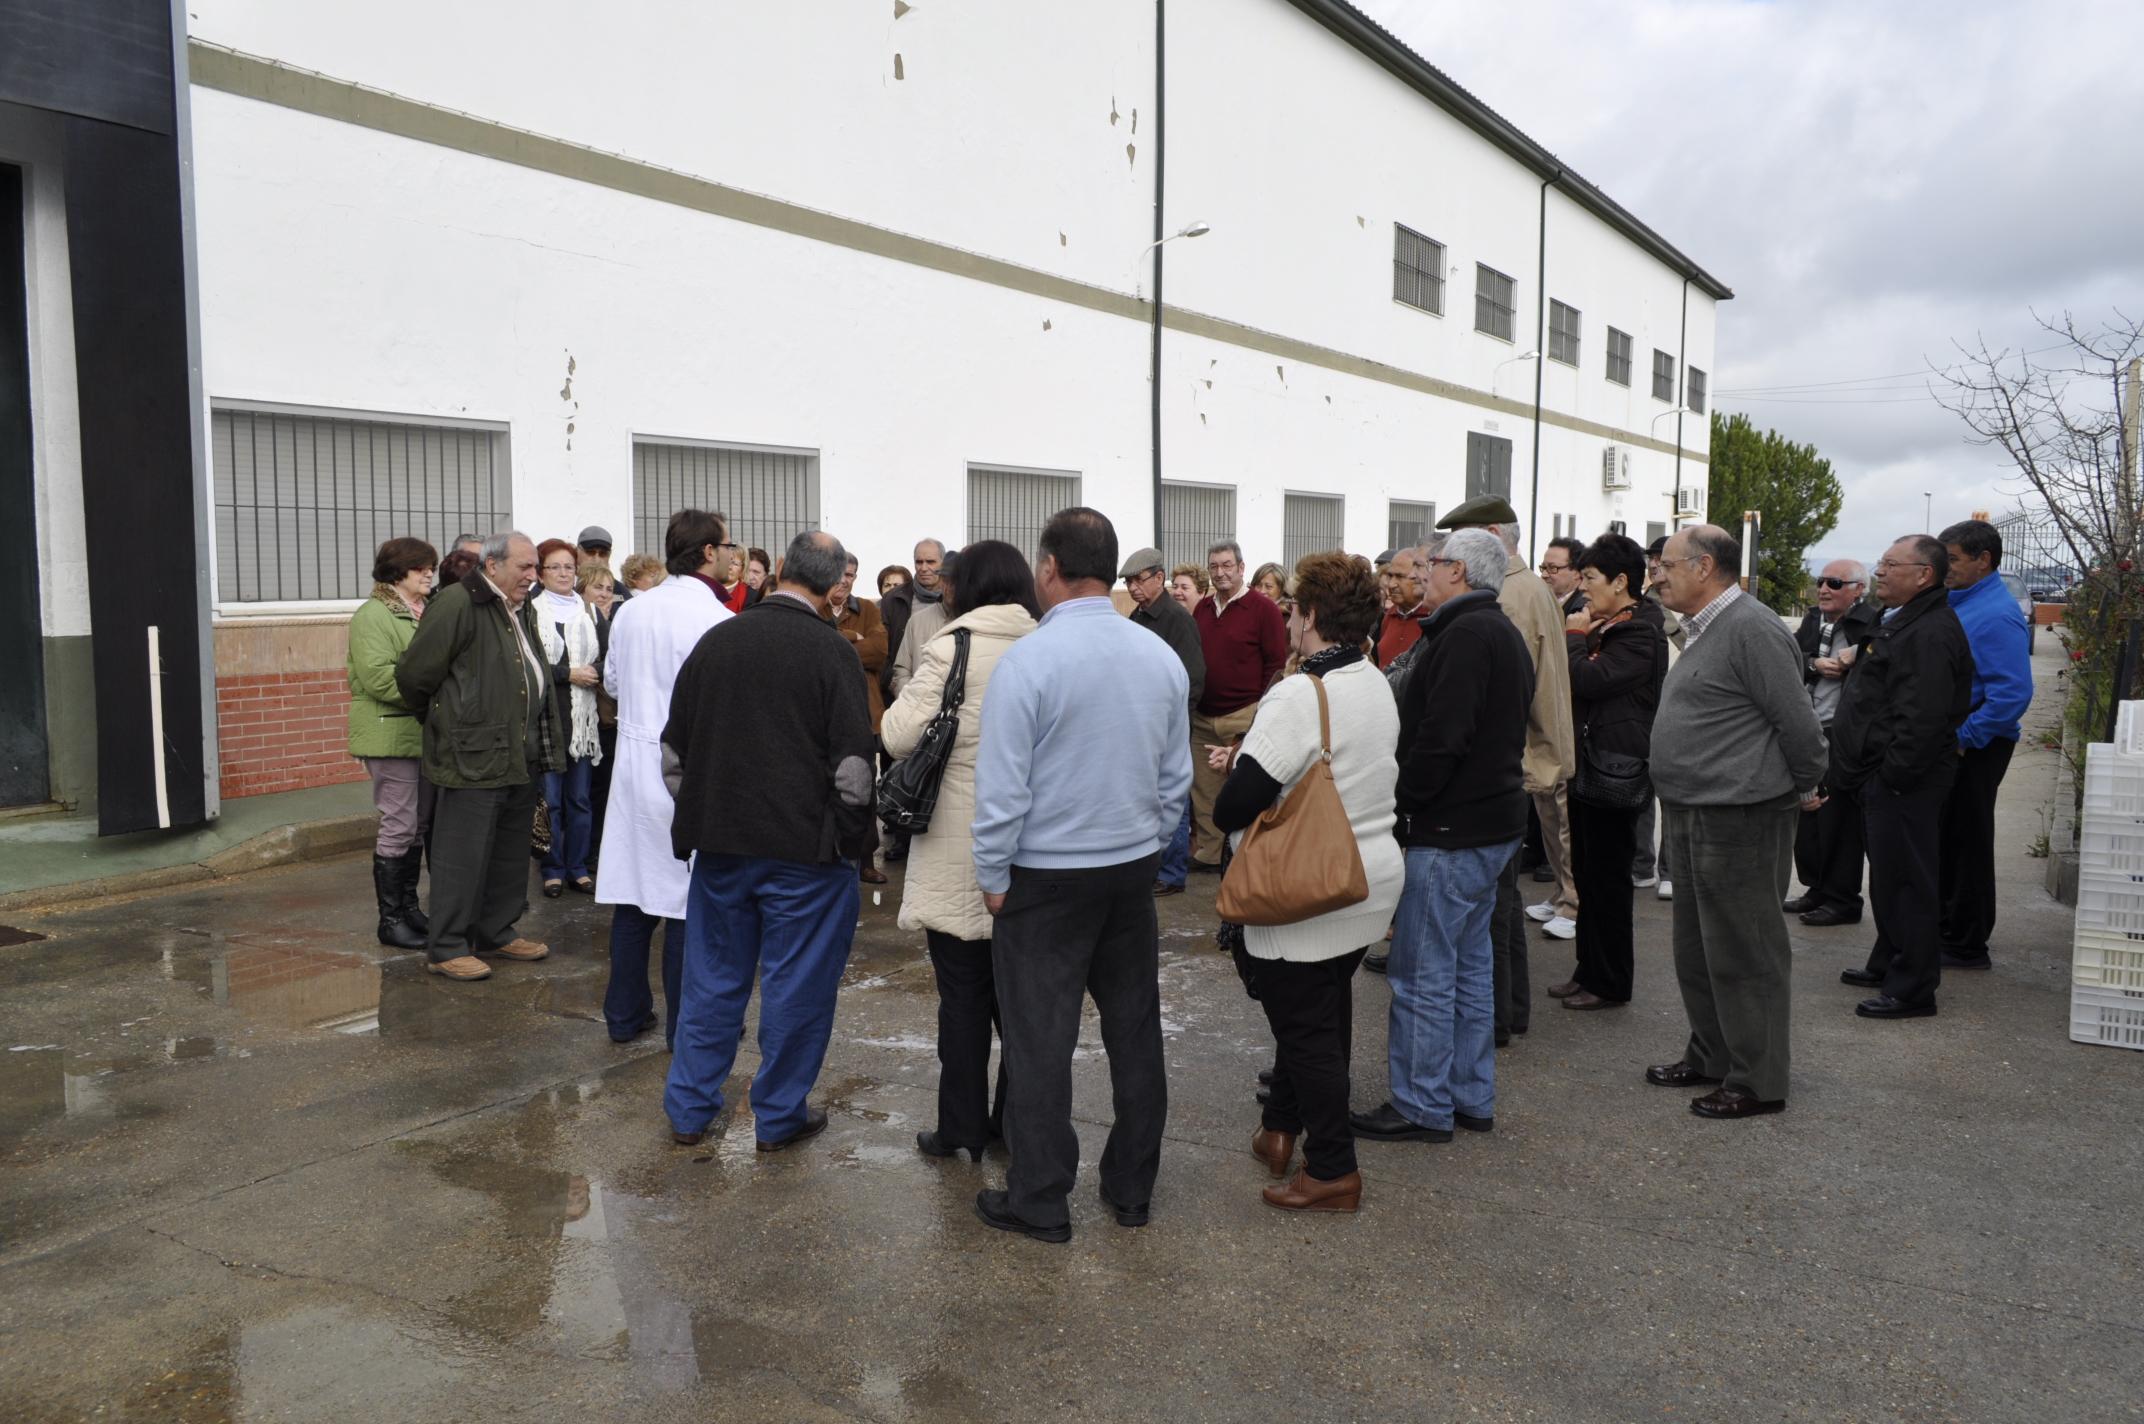 Resumen fotográfico de la visita a nuestro pueblo de estos extremeños en Algeciras